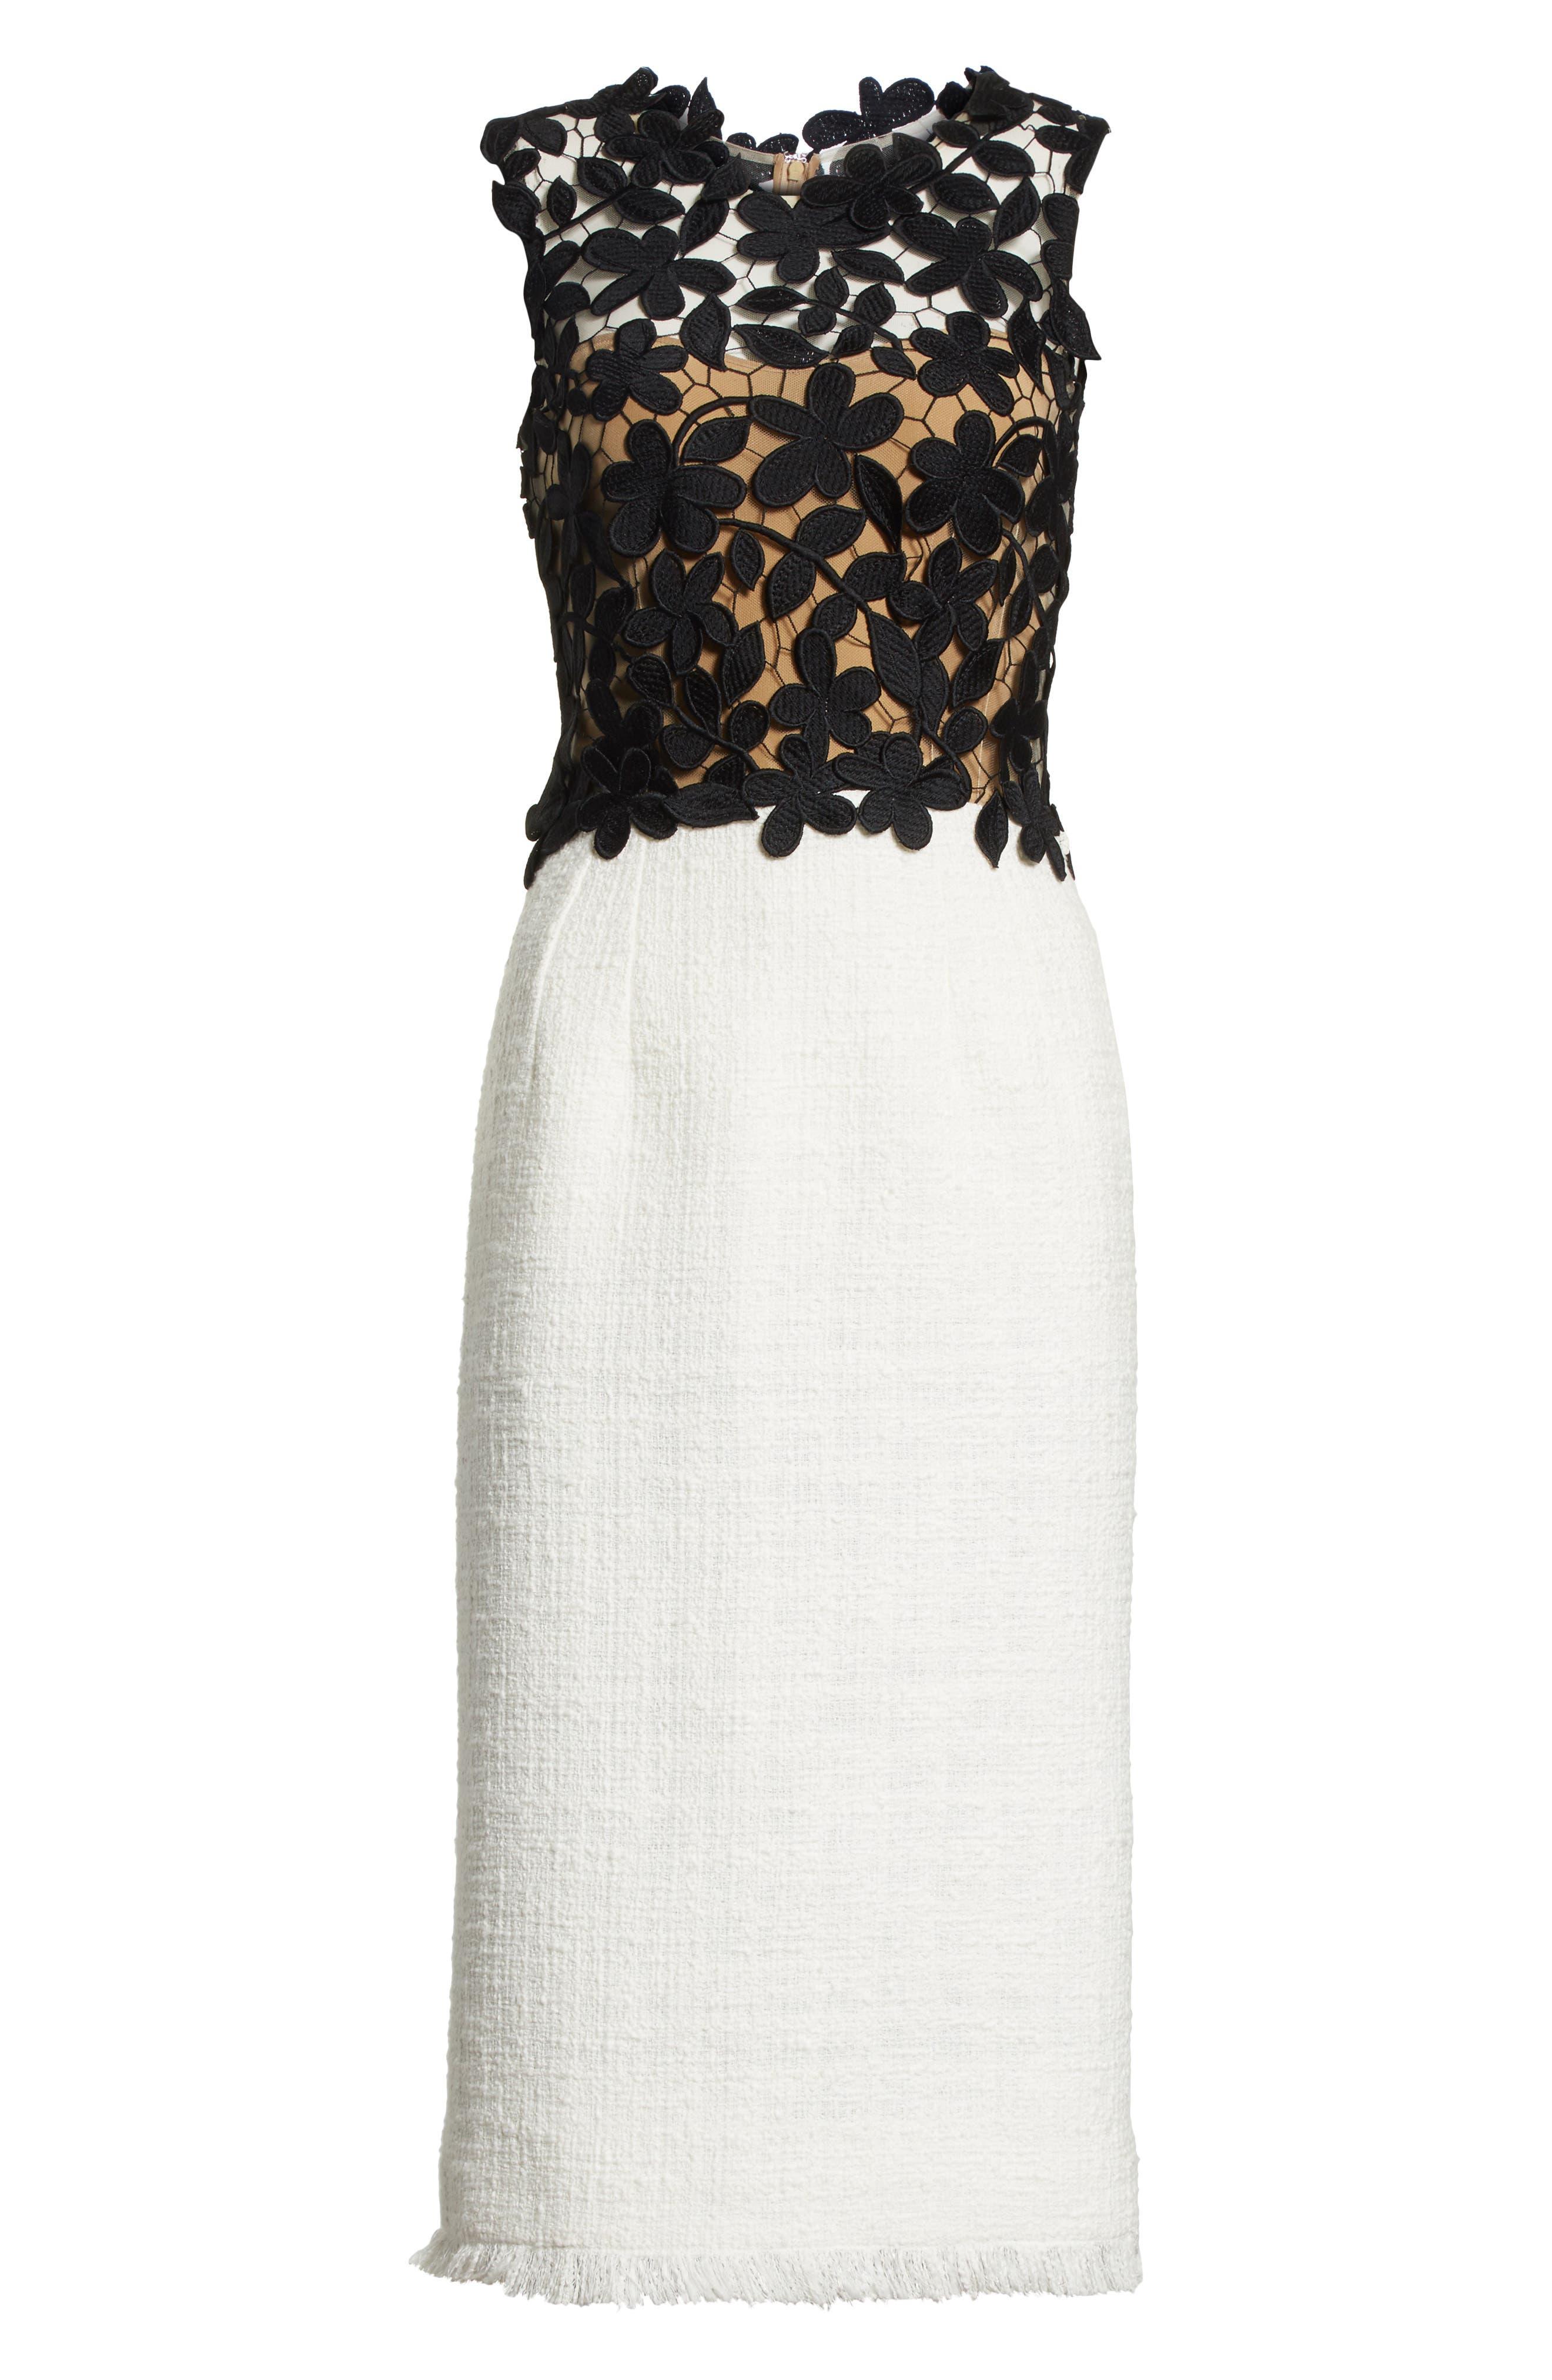 Lace Bodice Sheath Dress,                             Alternate thumbnail 7, color,                             Black/ White